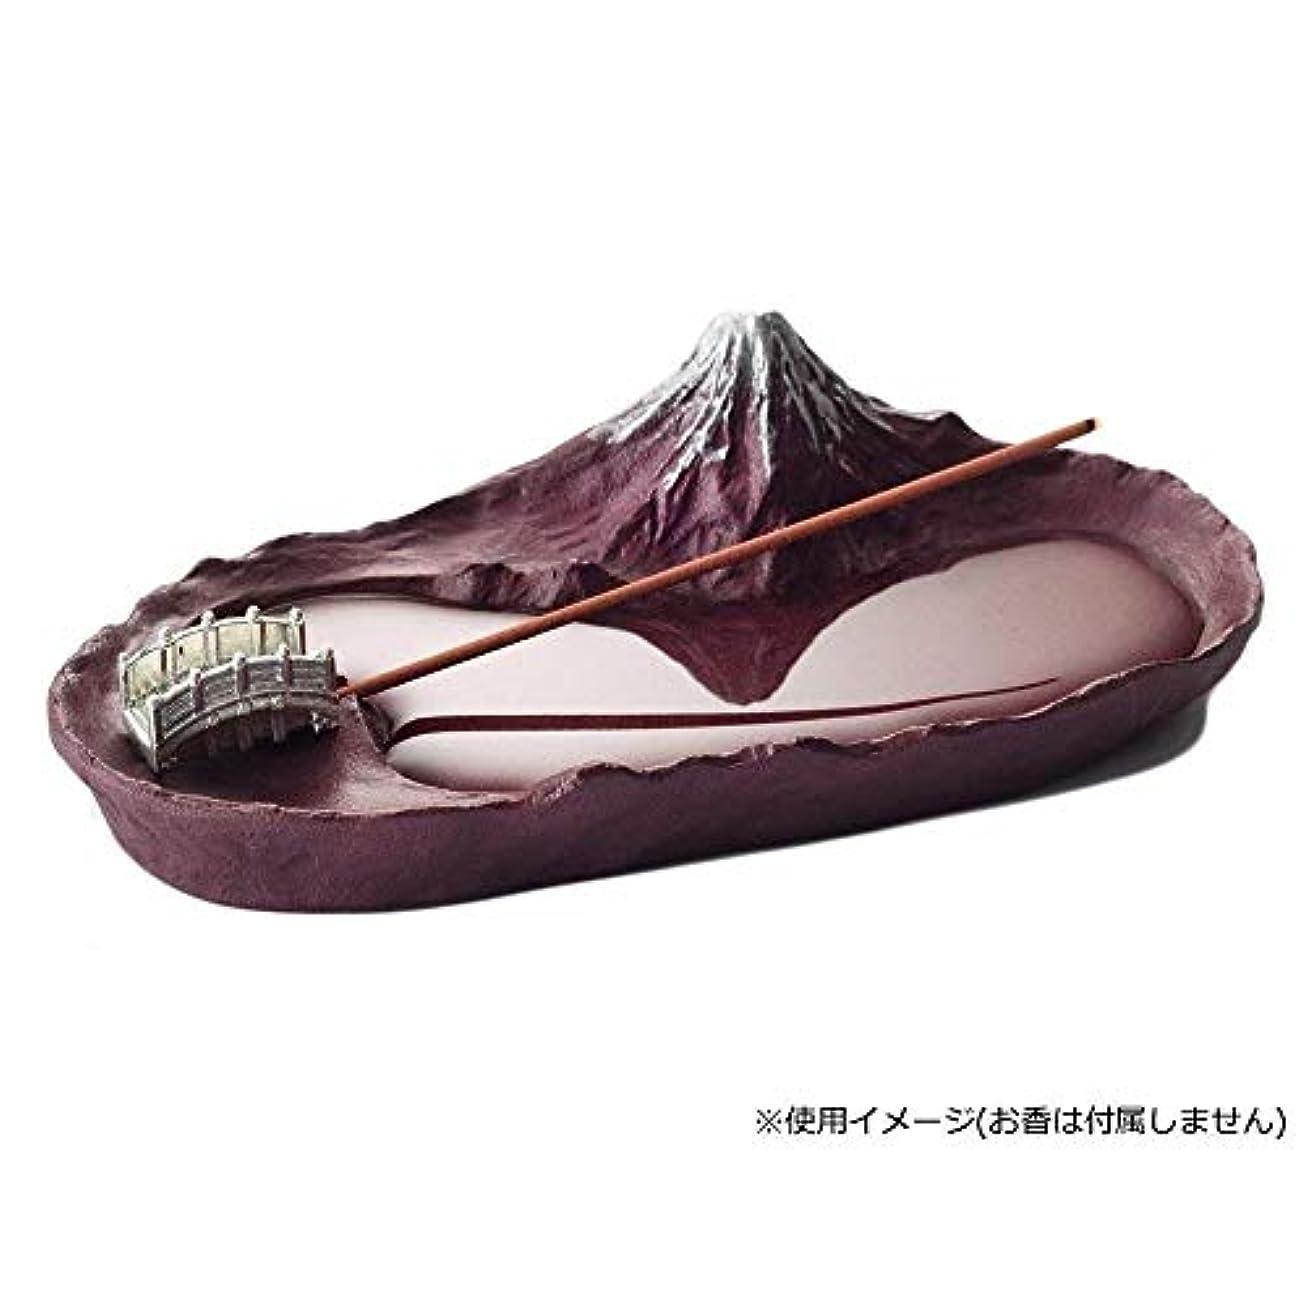 インセンスホルダー 香立て さかさ富士 赤富士